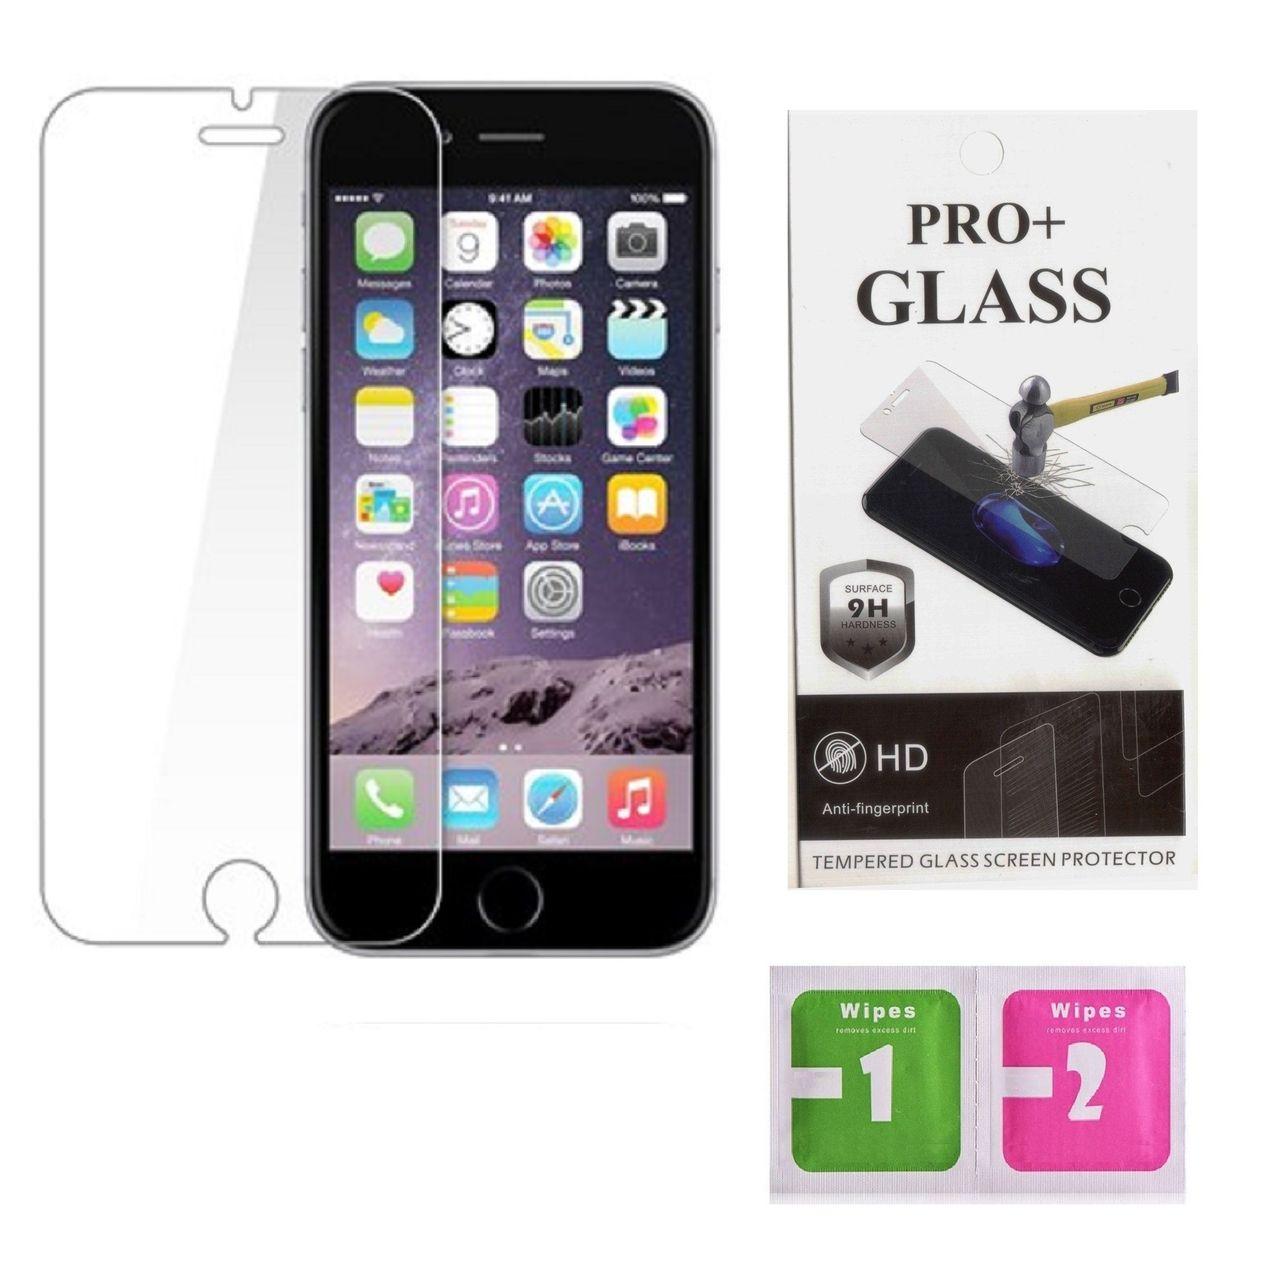 محافظ صفحه نمایش گلس پرو پلاس مدل HD ANTI FINGERPRINT مناسب برای گوشی موبایل  APPLE IPHONE 6 PLUS/6S PLUS